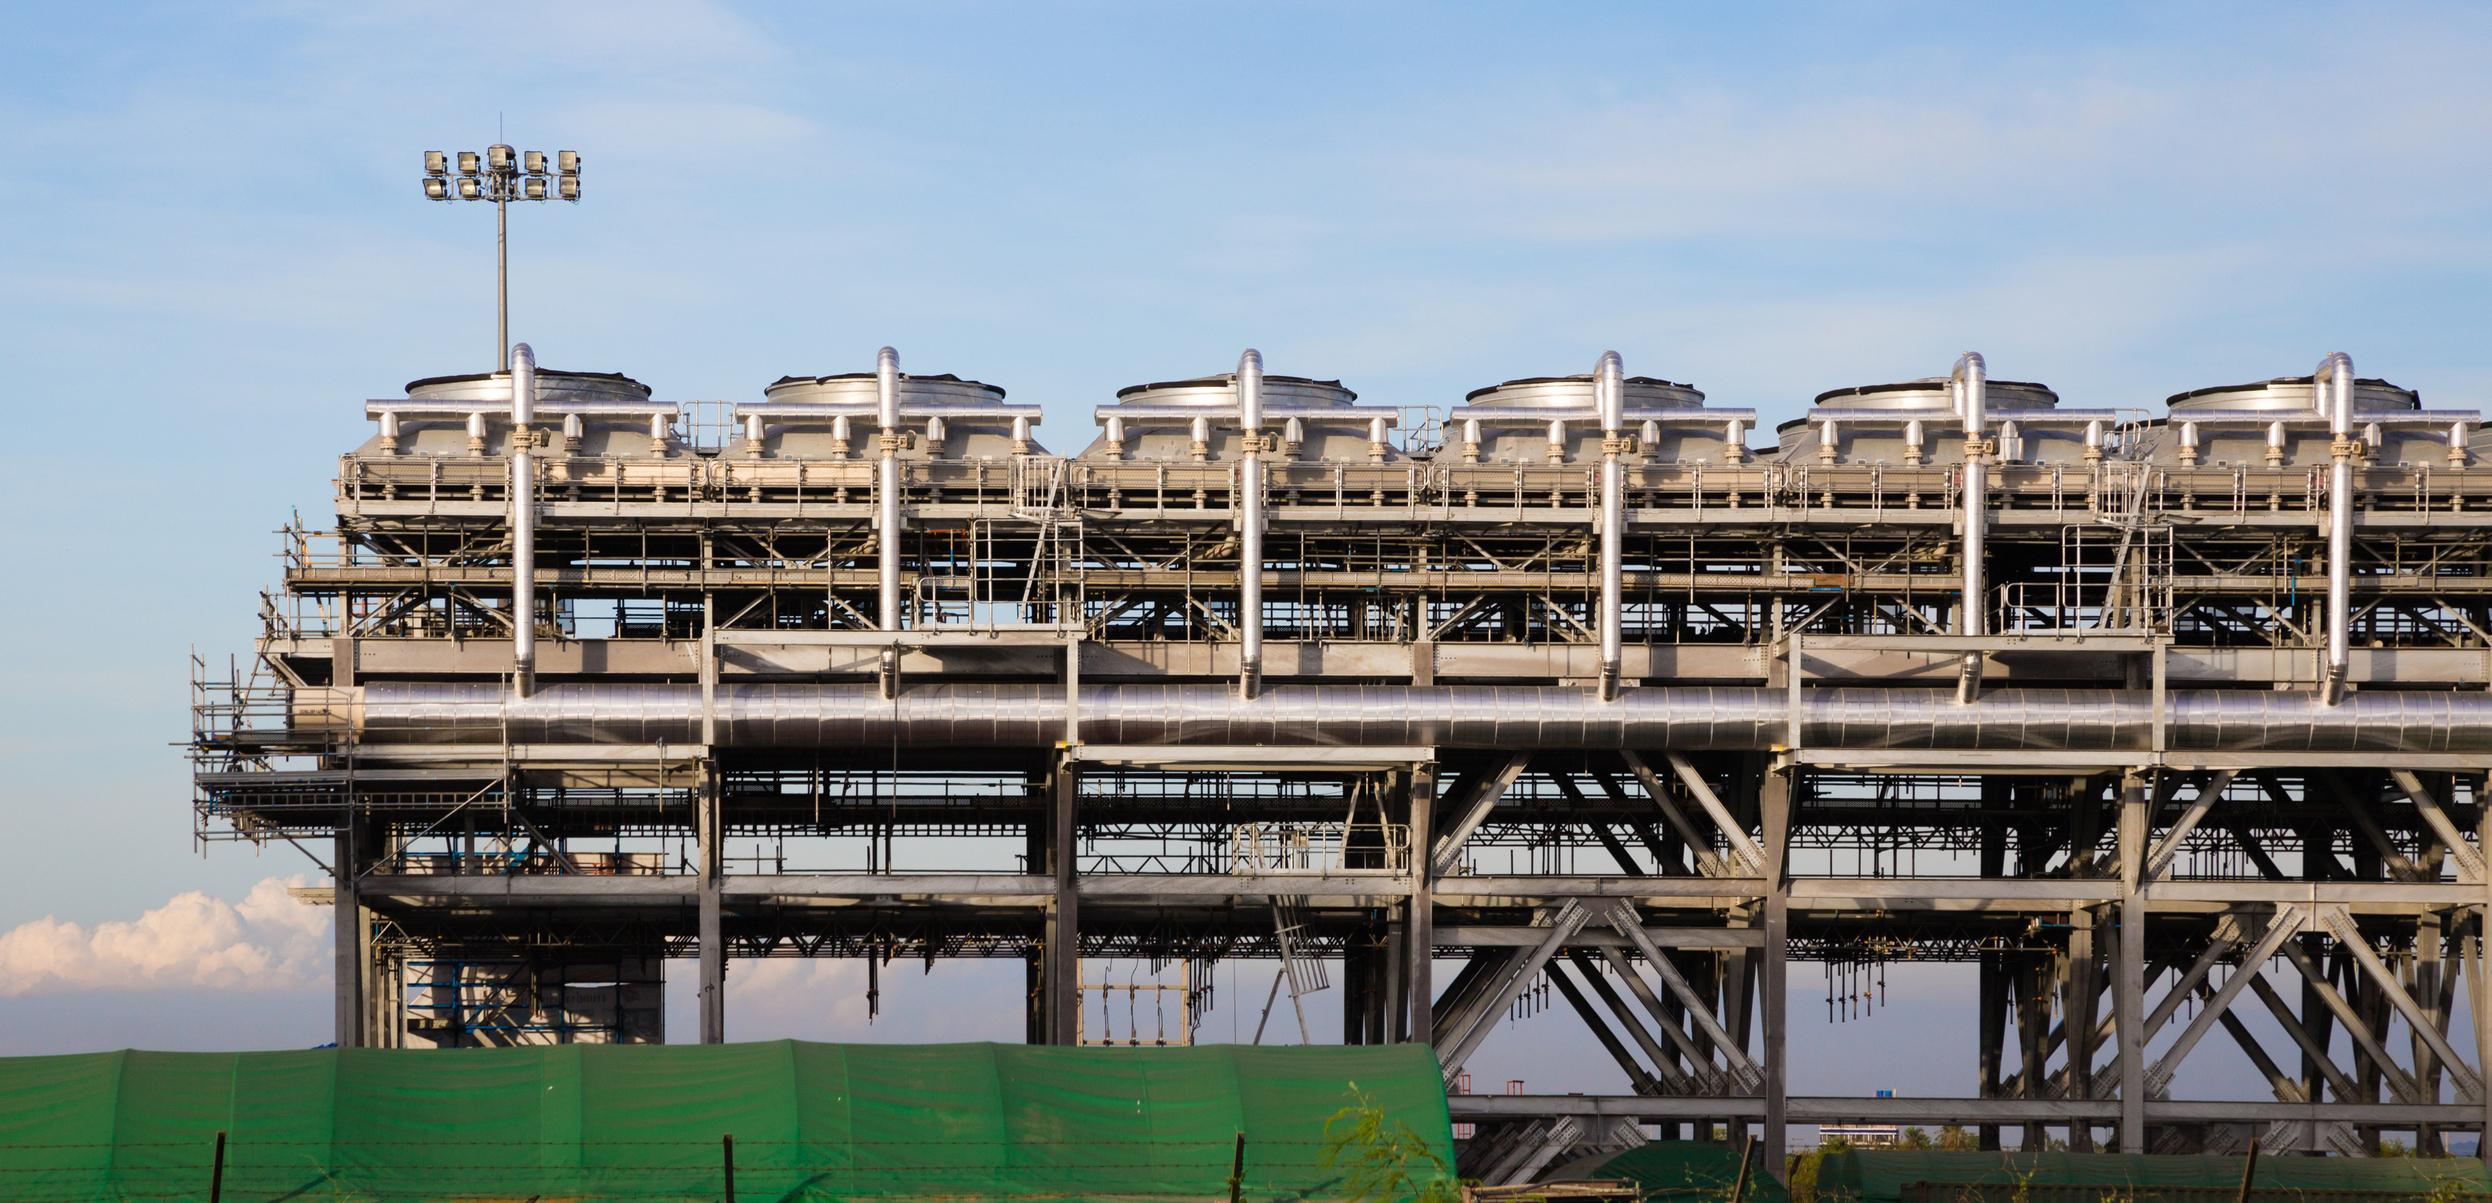 LNG liquefaction infrastructure